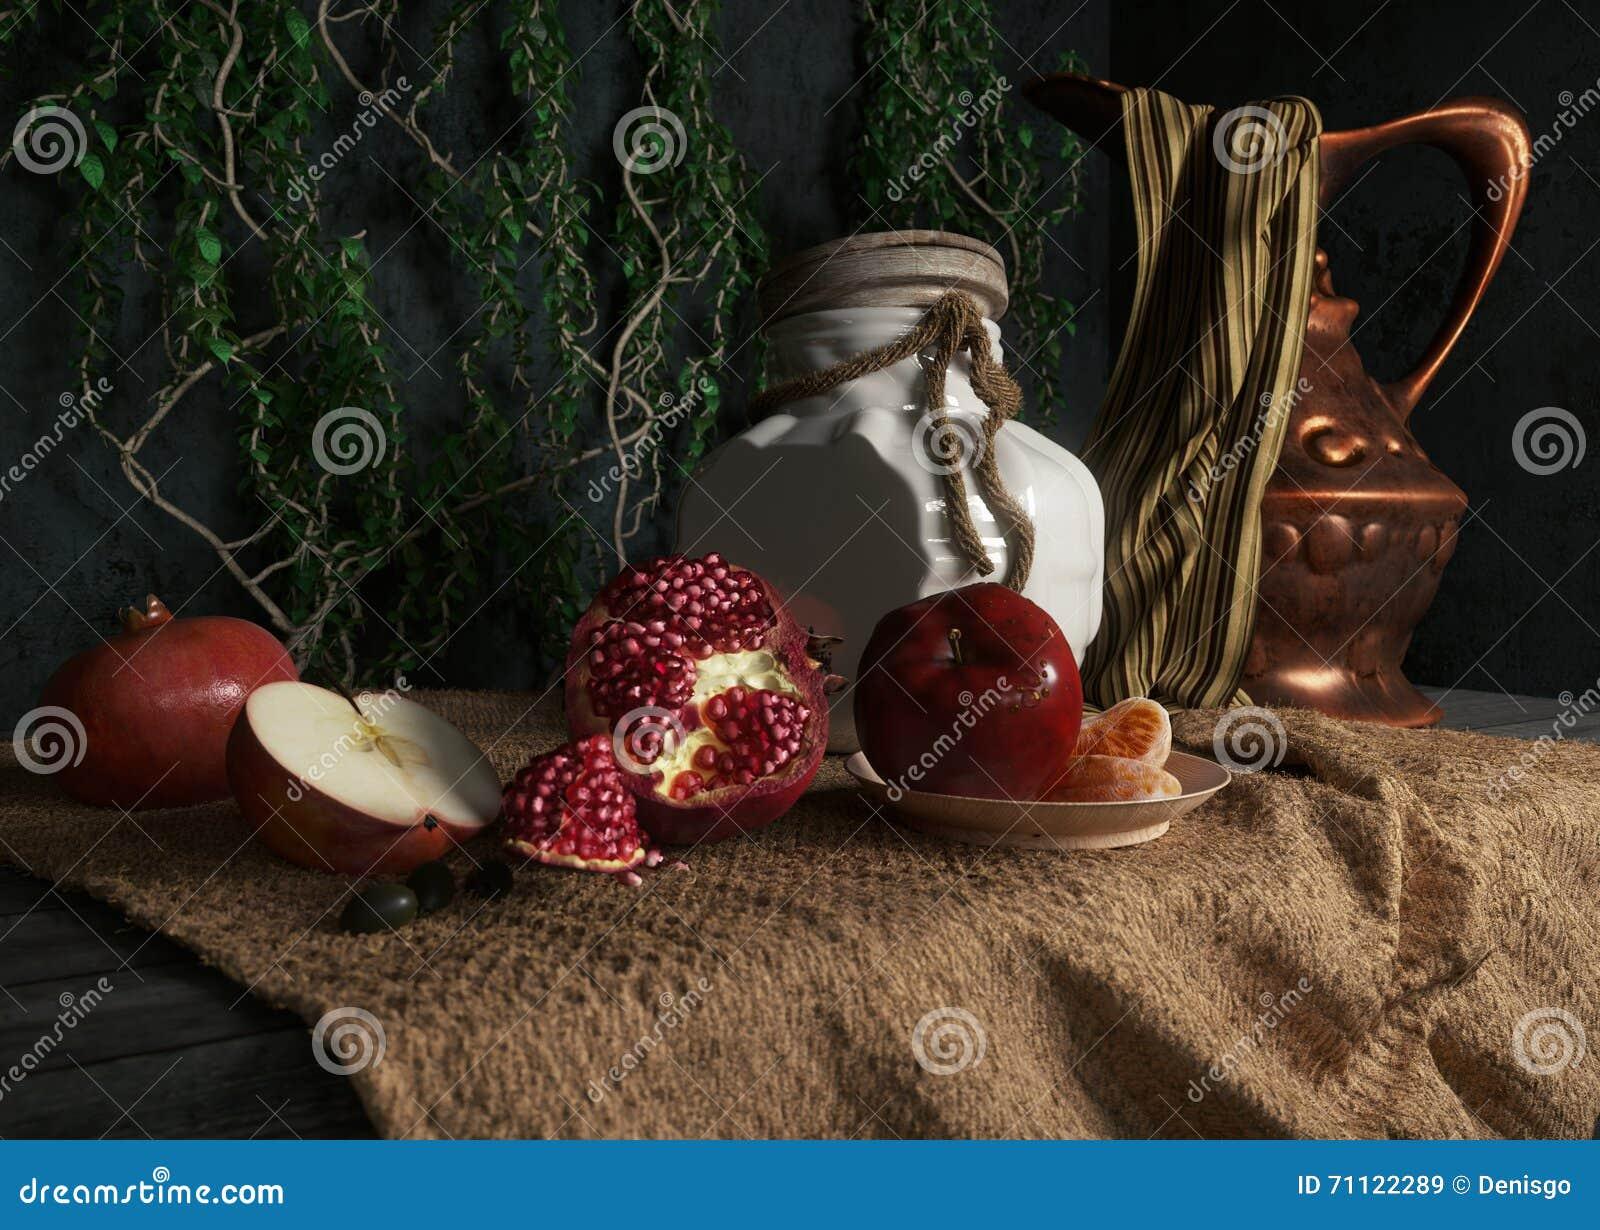 βάζο, rop, μήλα, ρόδι, εγκαταστάσεις και πορτοκάλι στην εννοιολογική ακόμα-ζωή υφασματεμποριών καμβά